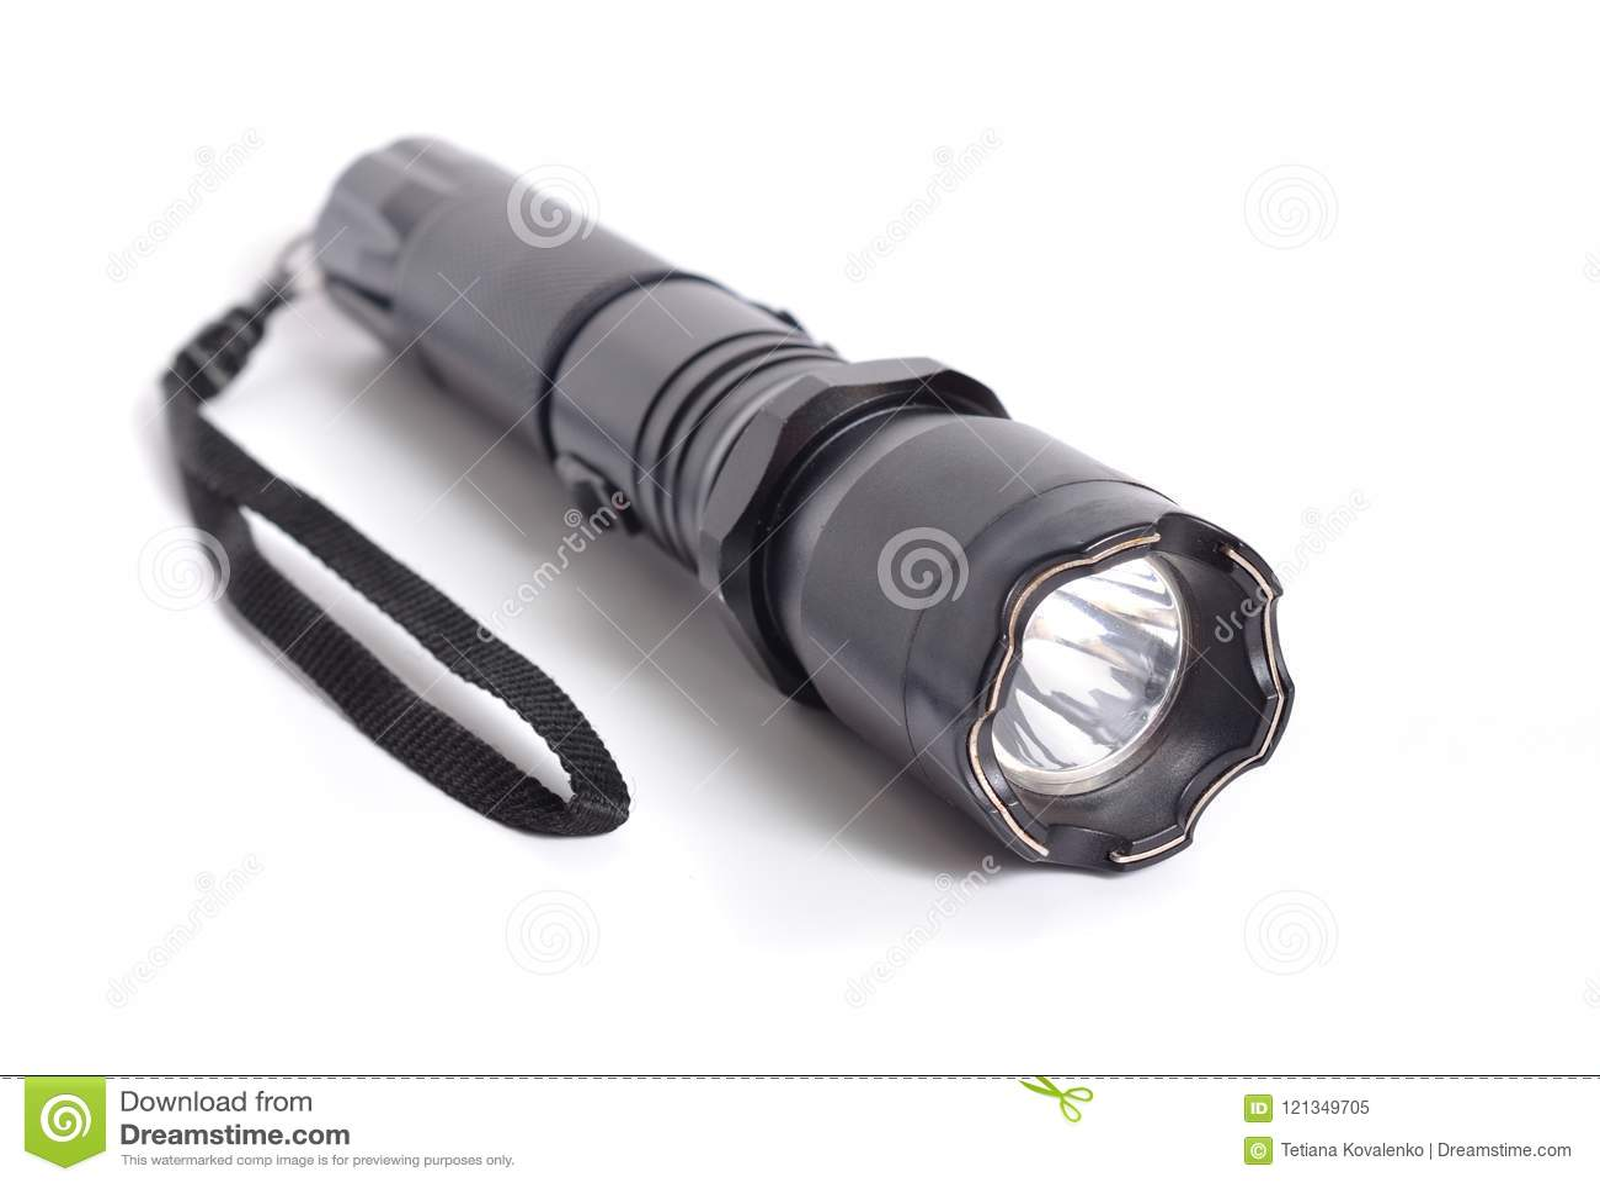 shocker taser means of self defense flashlight tazer isolated on